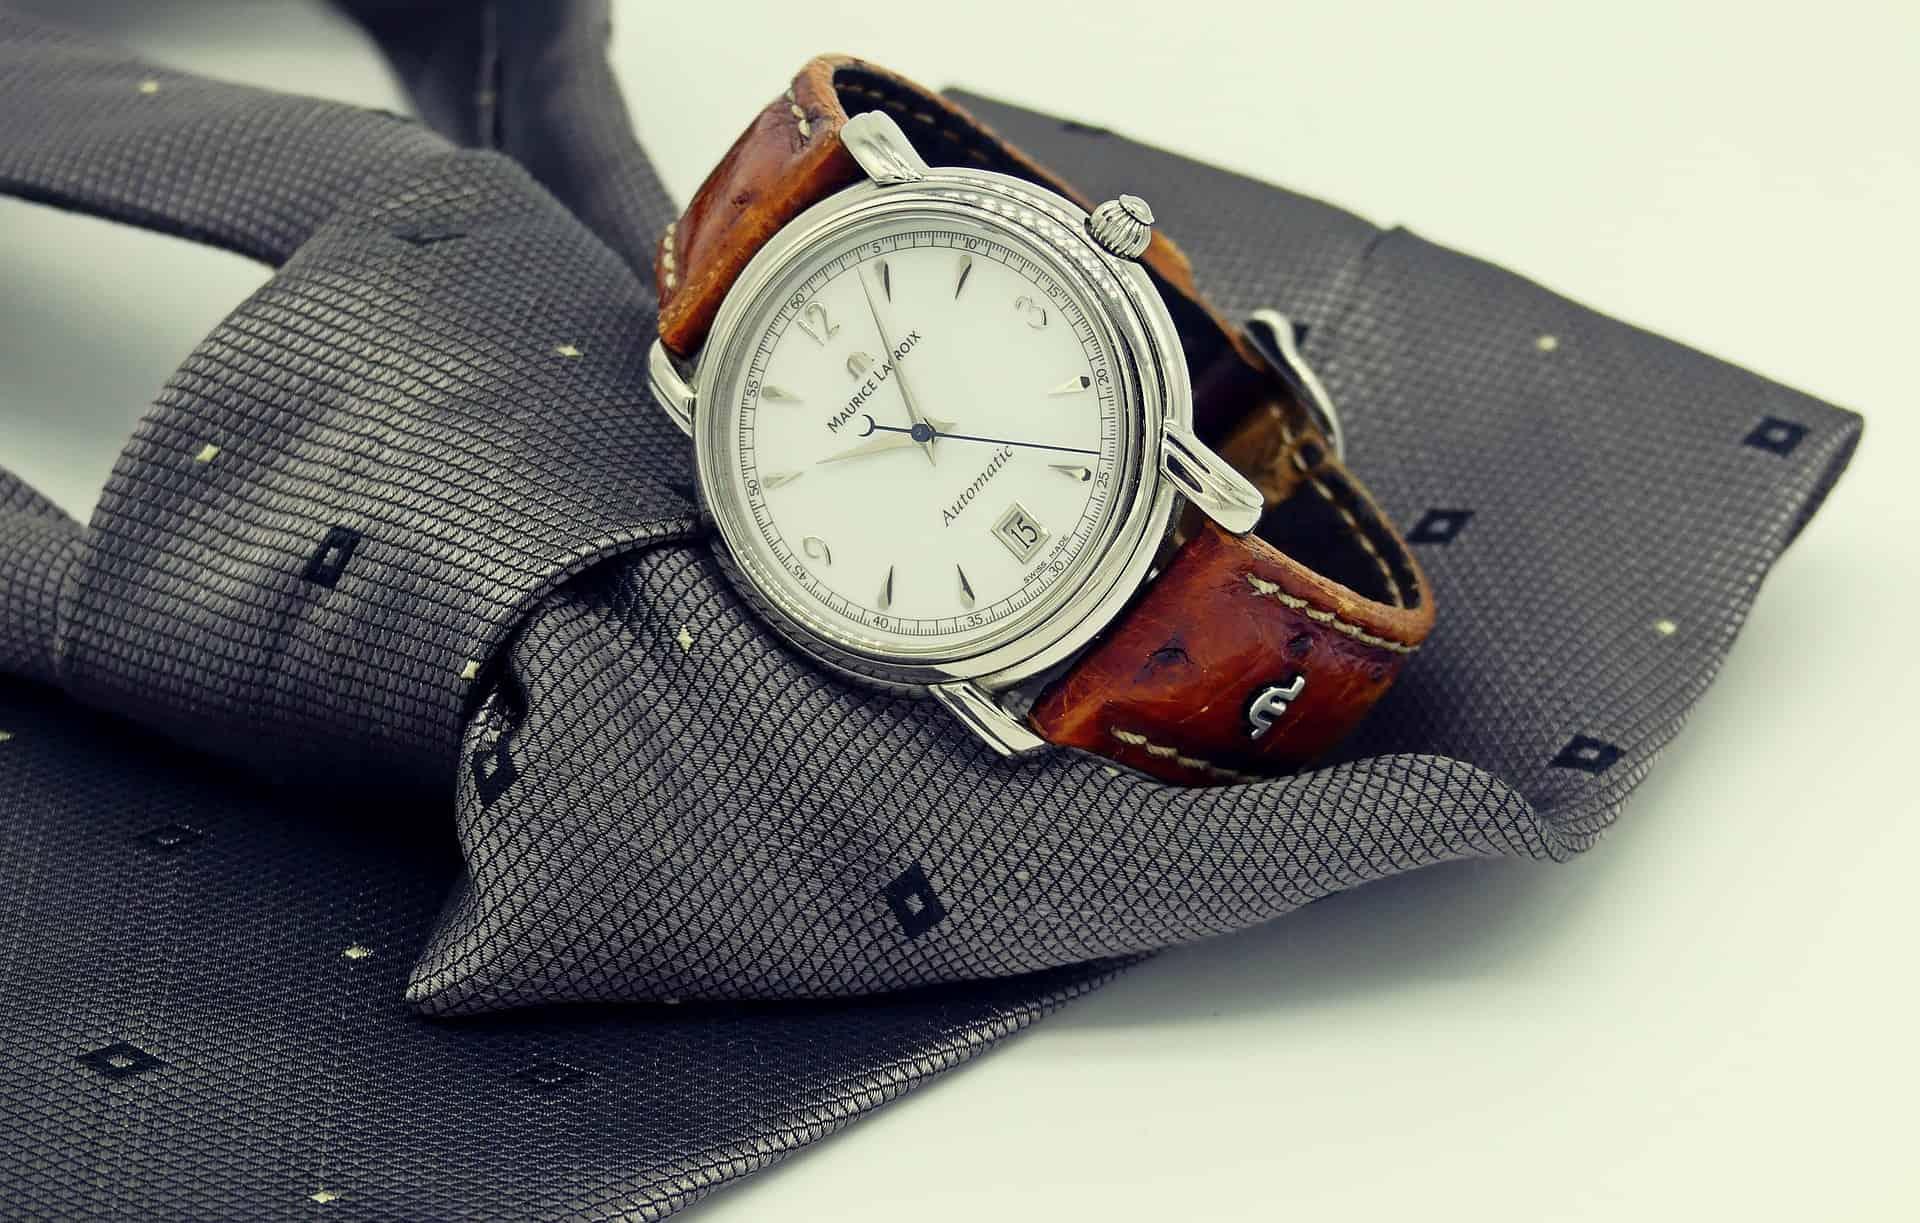 Uhrenbeweger: Test & Empfehlungen (10/20)